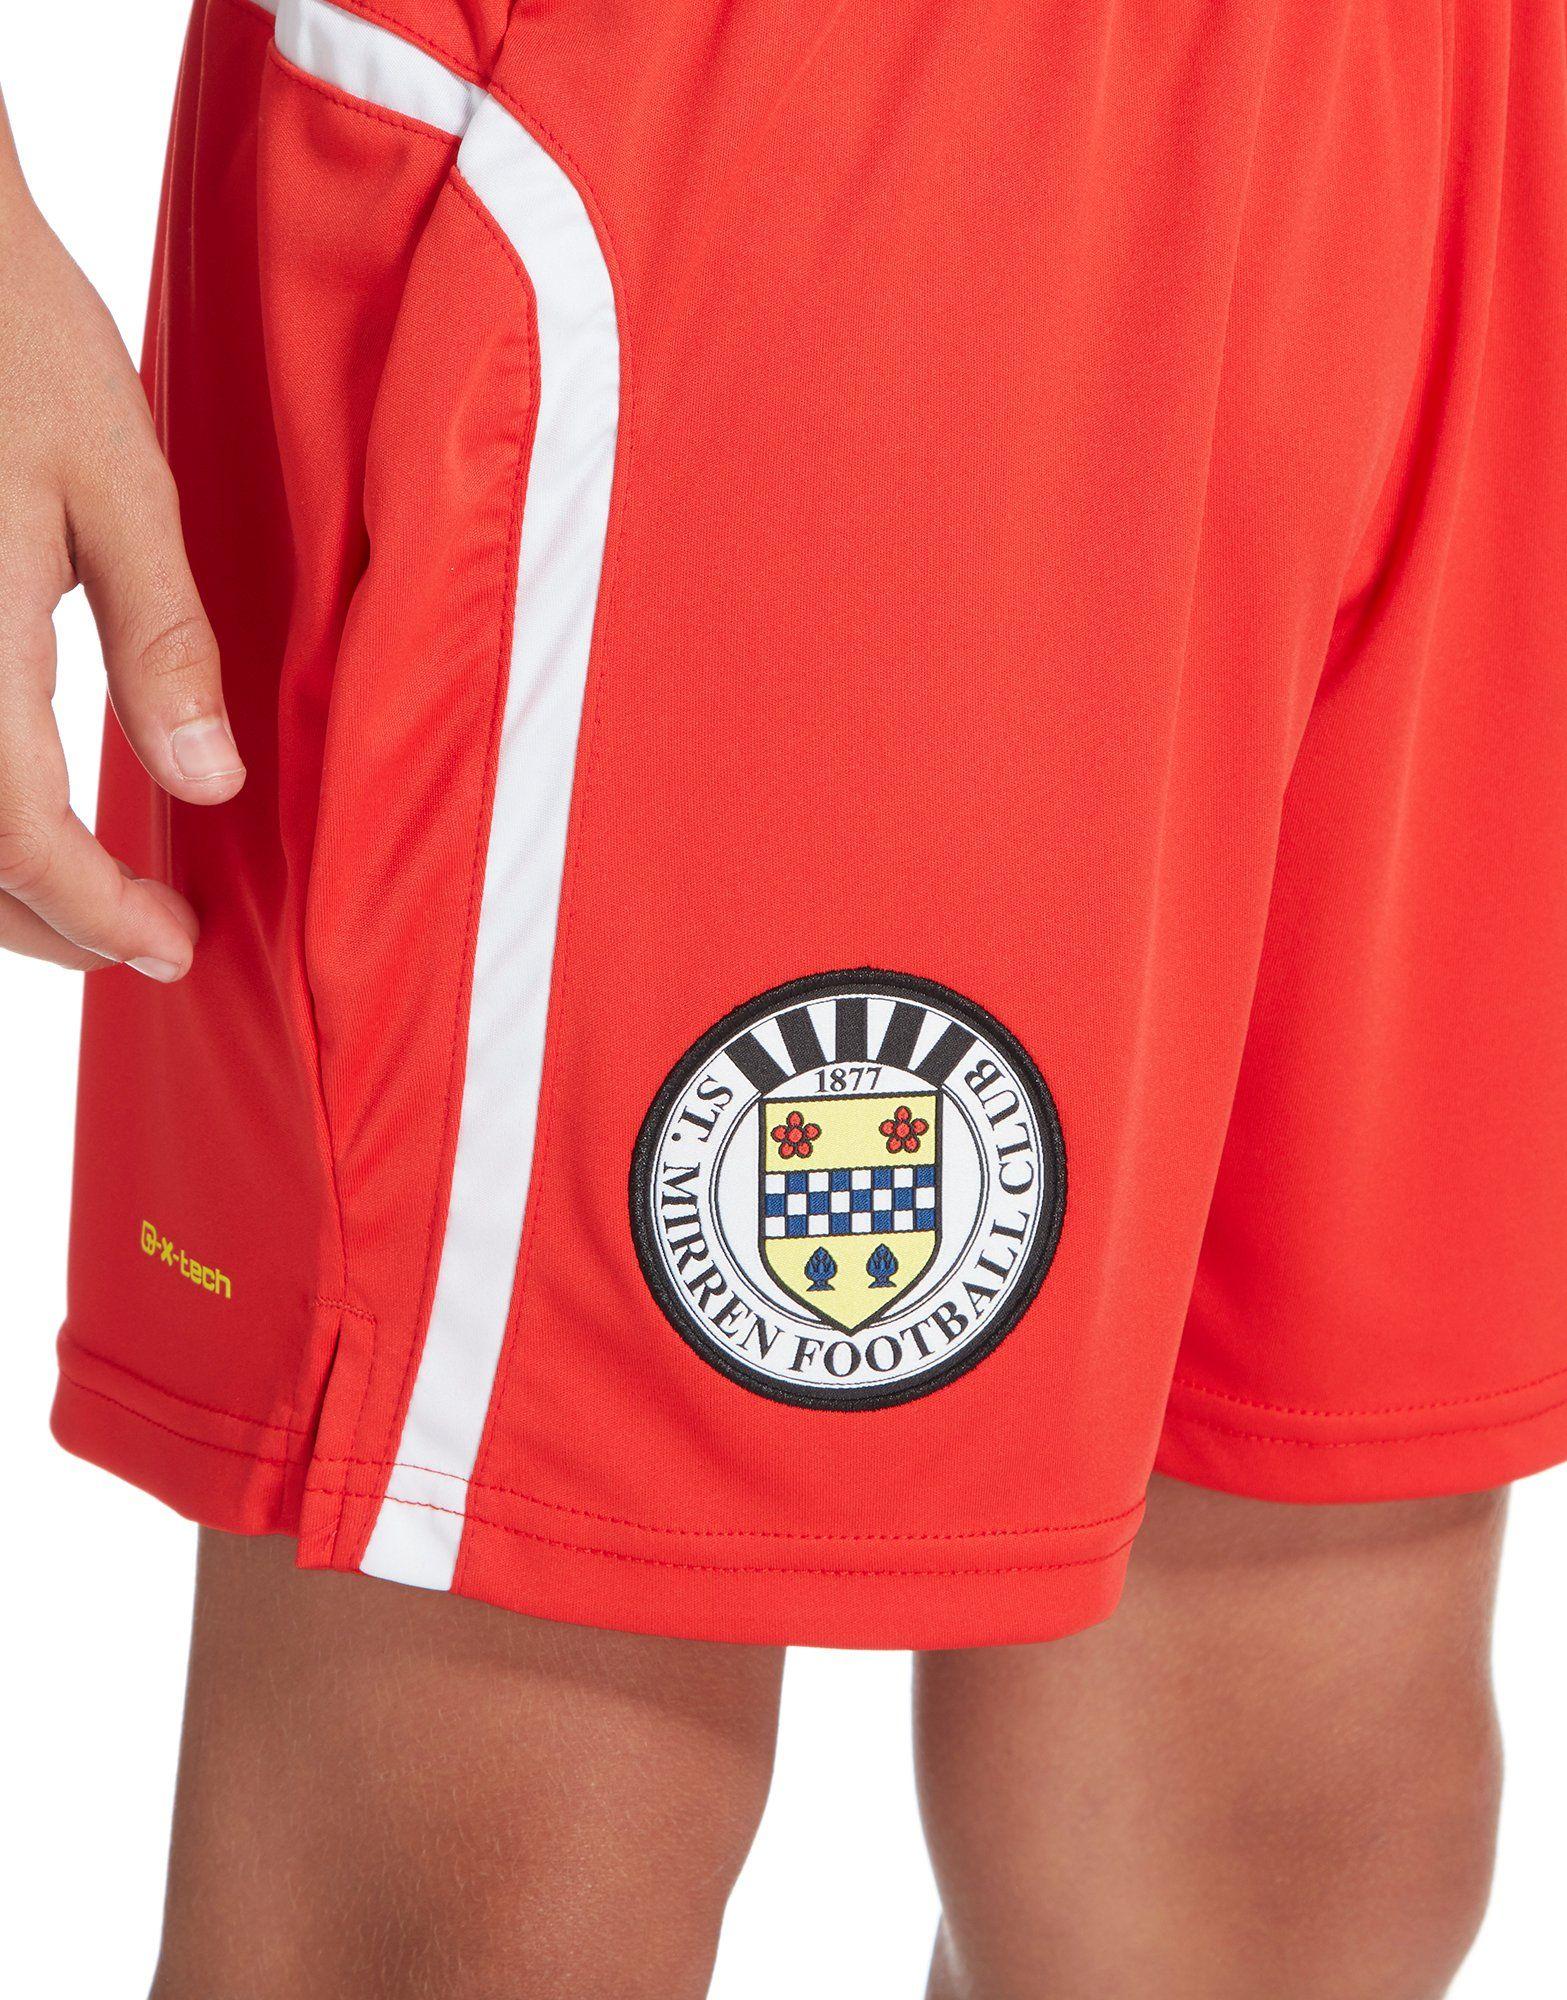 Carbrini St Mirren FC 2016/17 Home Shorts Junior